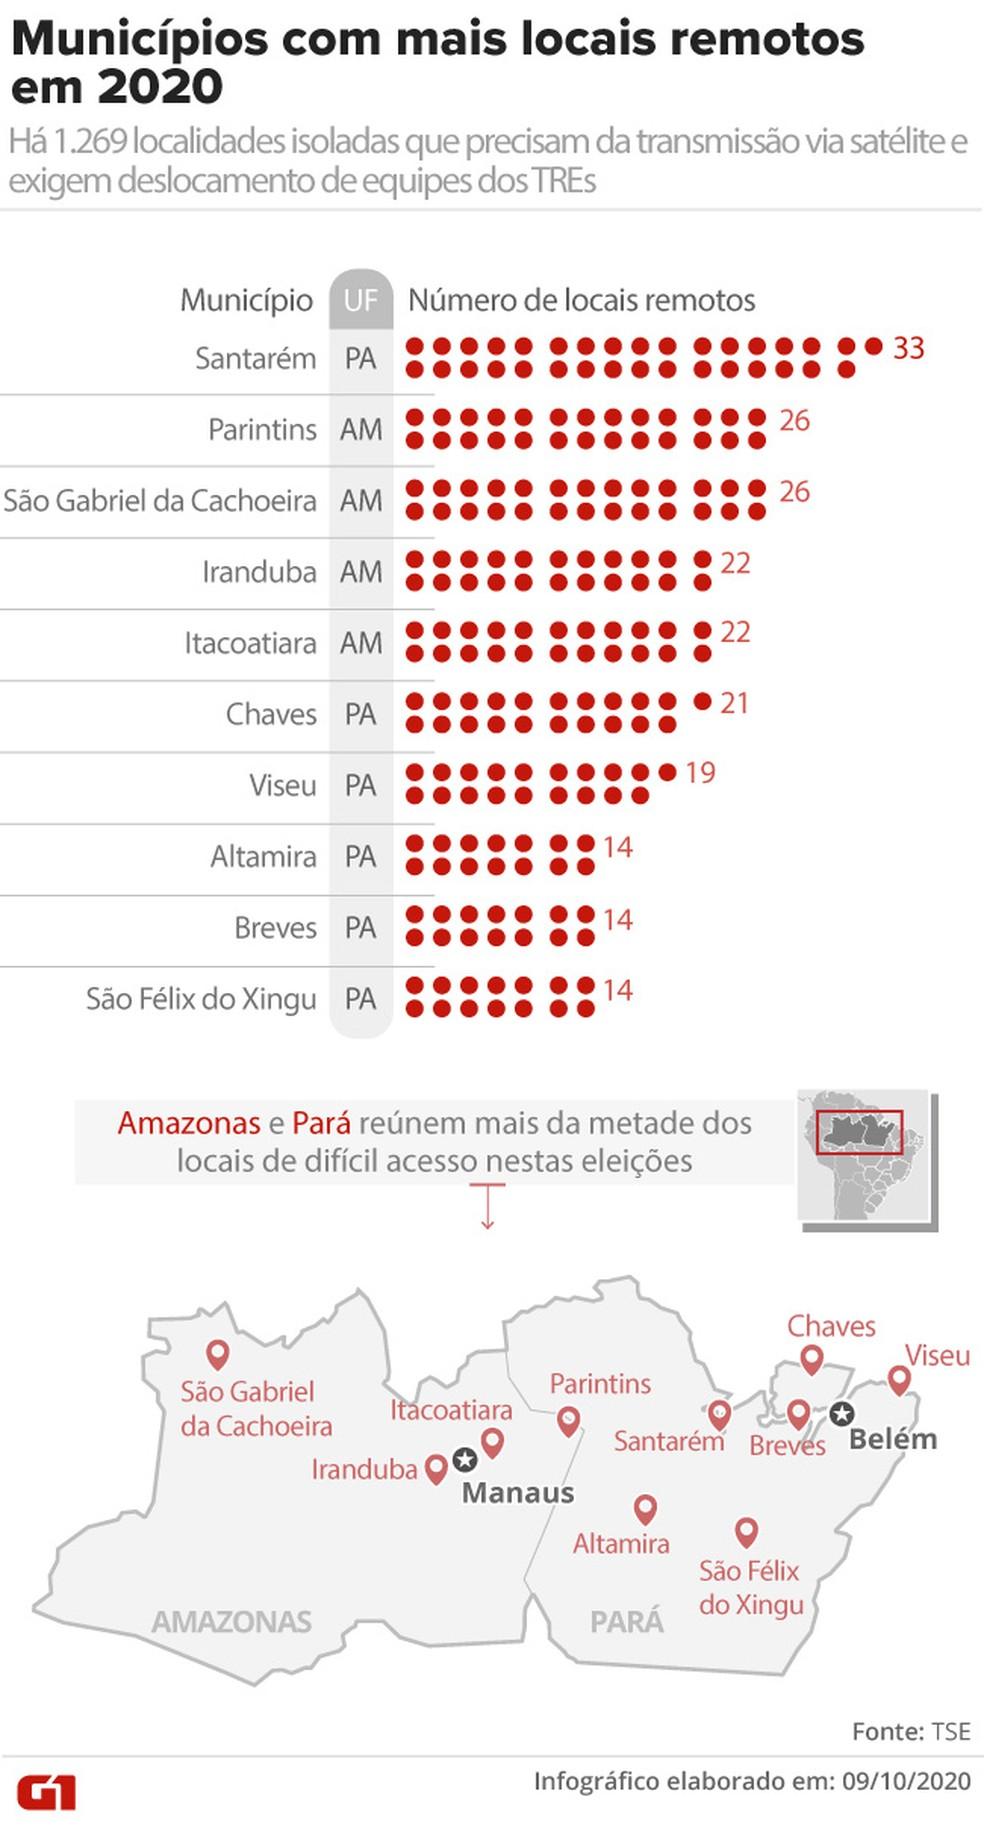 Municípios com mais locais remotos em 2020: há 1.269 localidades isoladas que precisam da transmissão via satélite e exigem deslocamento das equipes dos TREs — Foto: Aparecido Gonçalves / G1